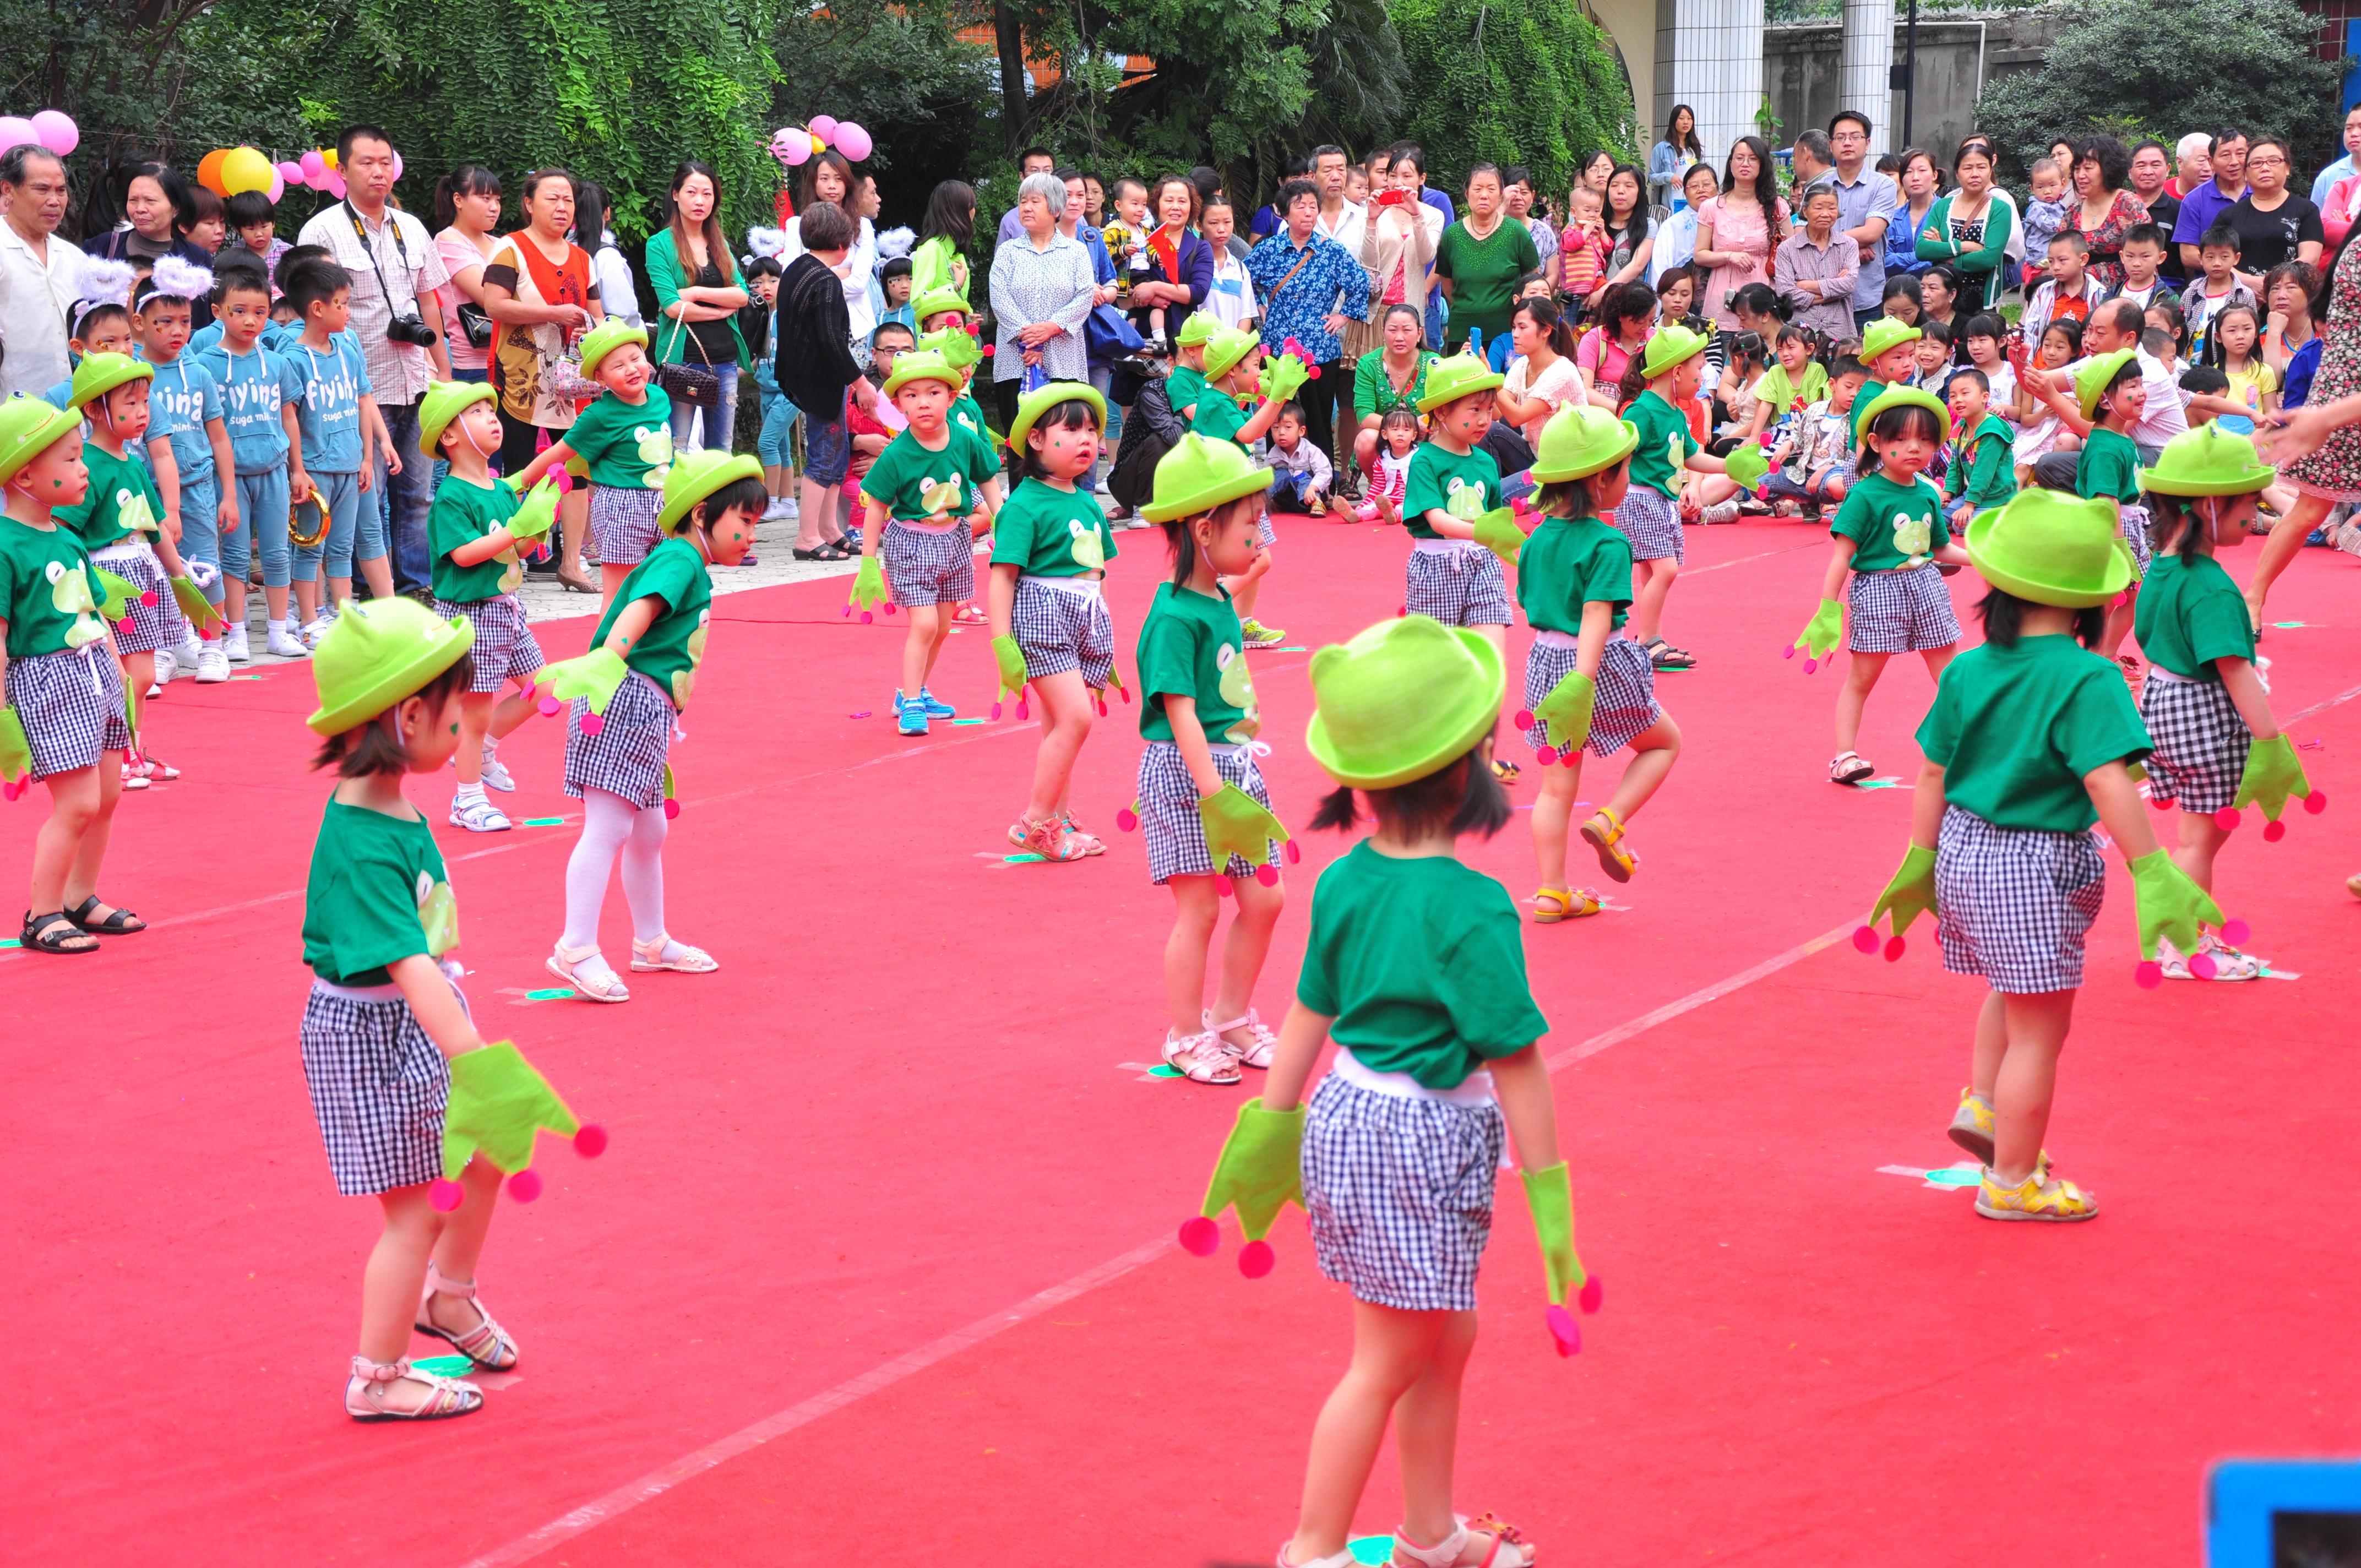 庆祝六一儿童节 - 拍客论坛